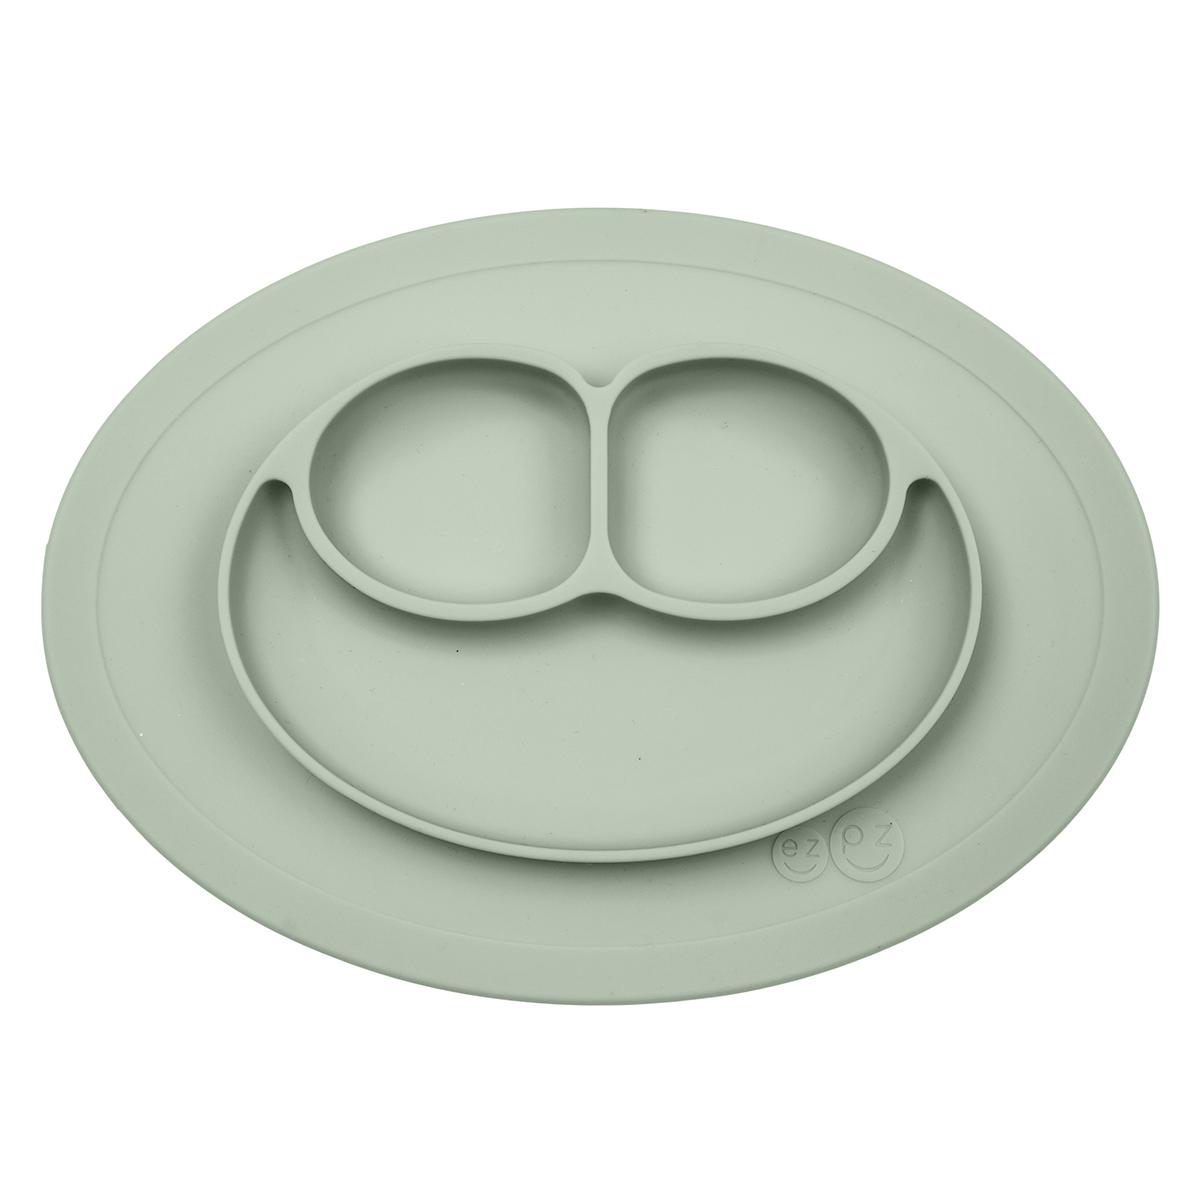 Vaisselle & Couvert Set de Table et Assiette Tout-en-1 Irrenversable Mini Mat - Vert Amande Set de Table et Assiette Tout-en-1 Irrenversable Mini Mat - Vert Amande